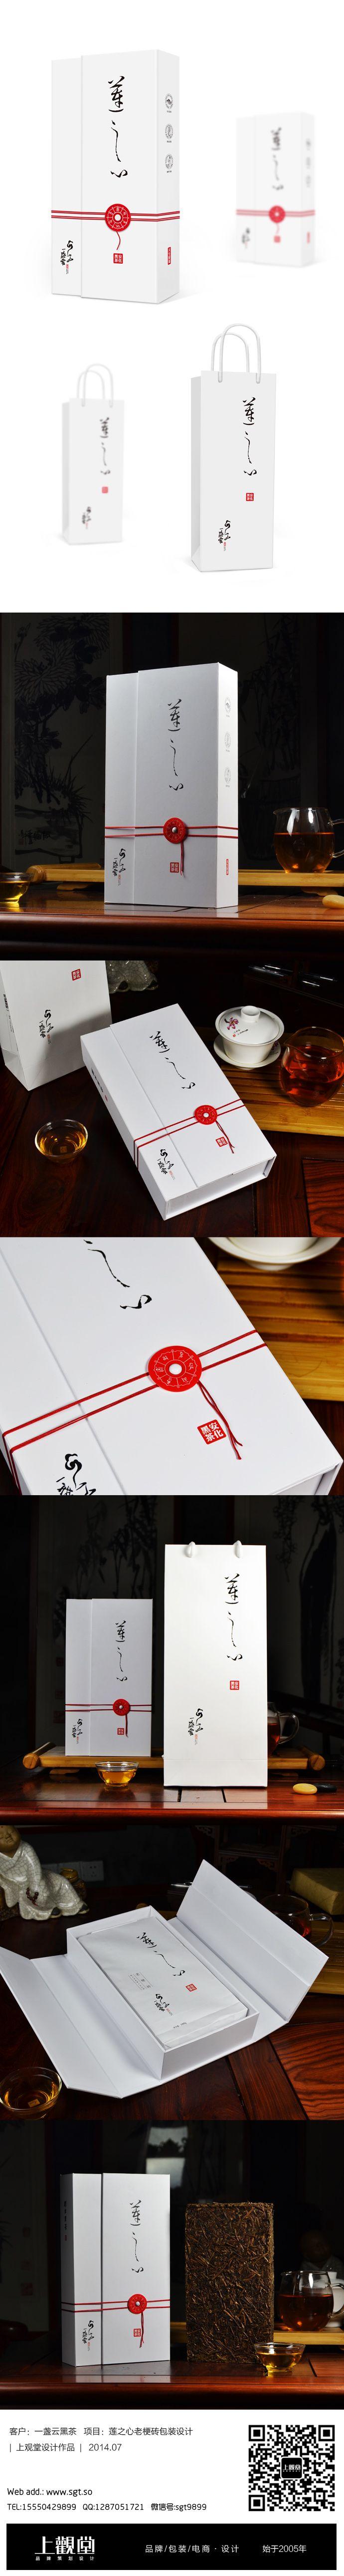 一盏云野生黑茶莲之心包装设计_包装设计_上观堂品牌策划设计 Liquor? PD